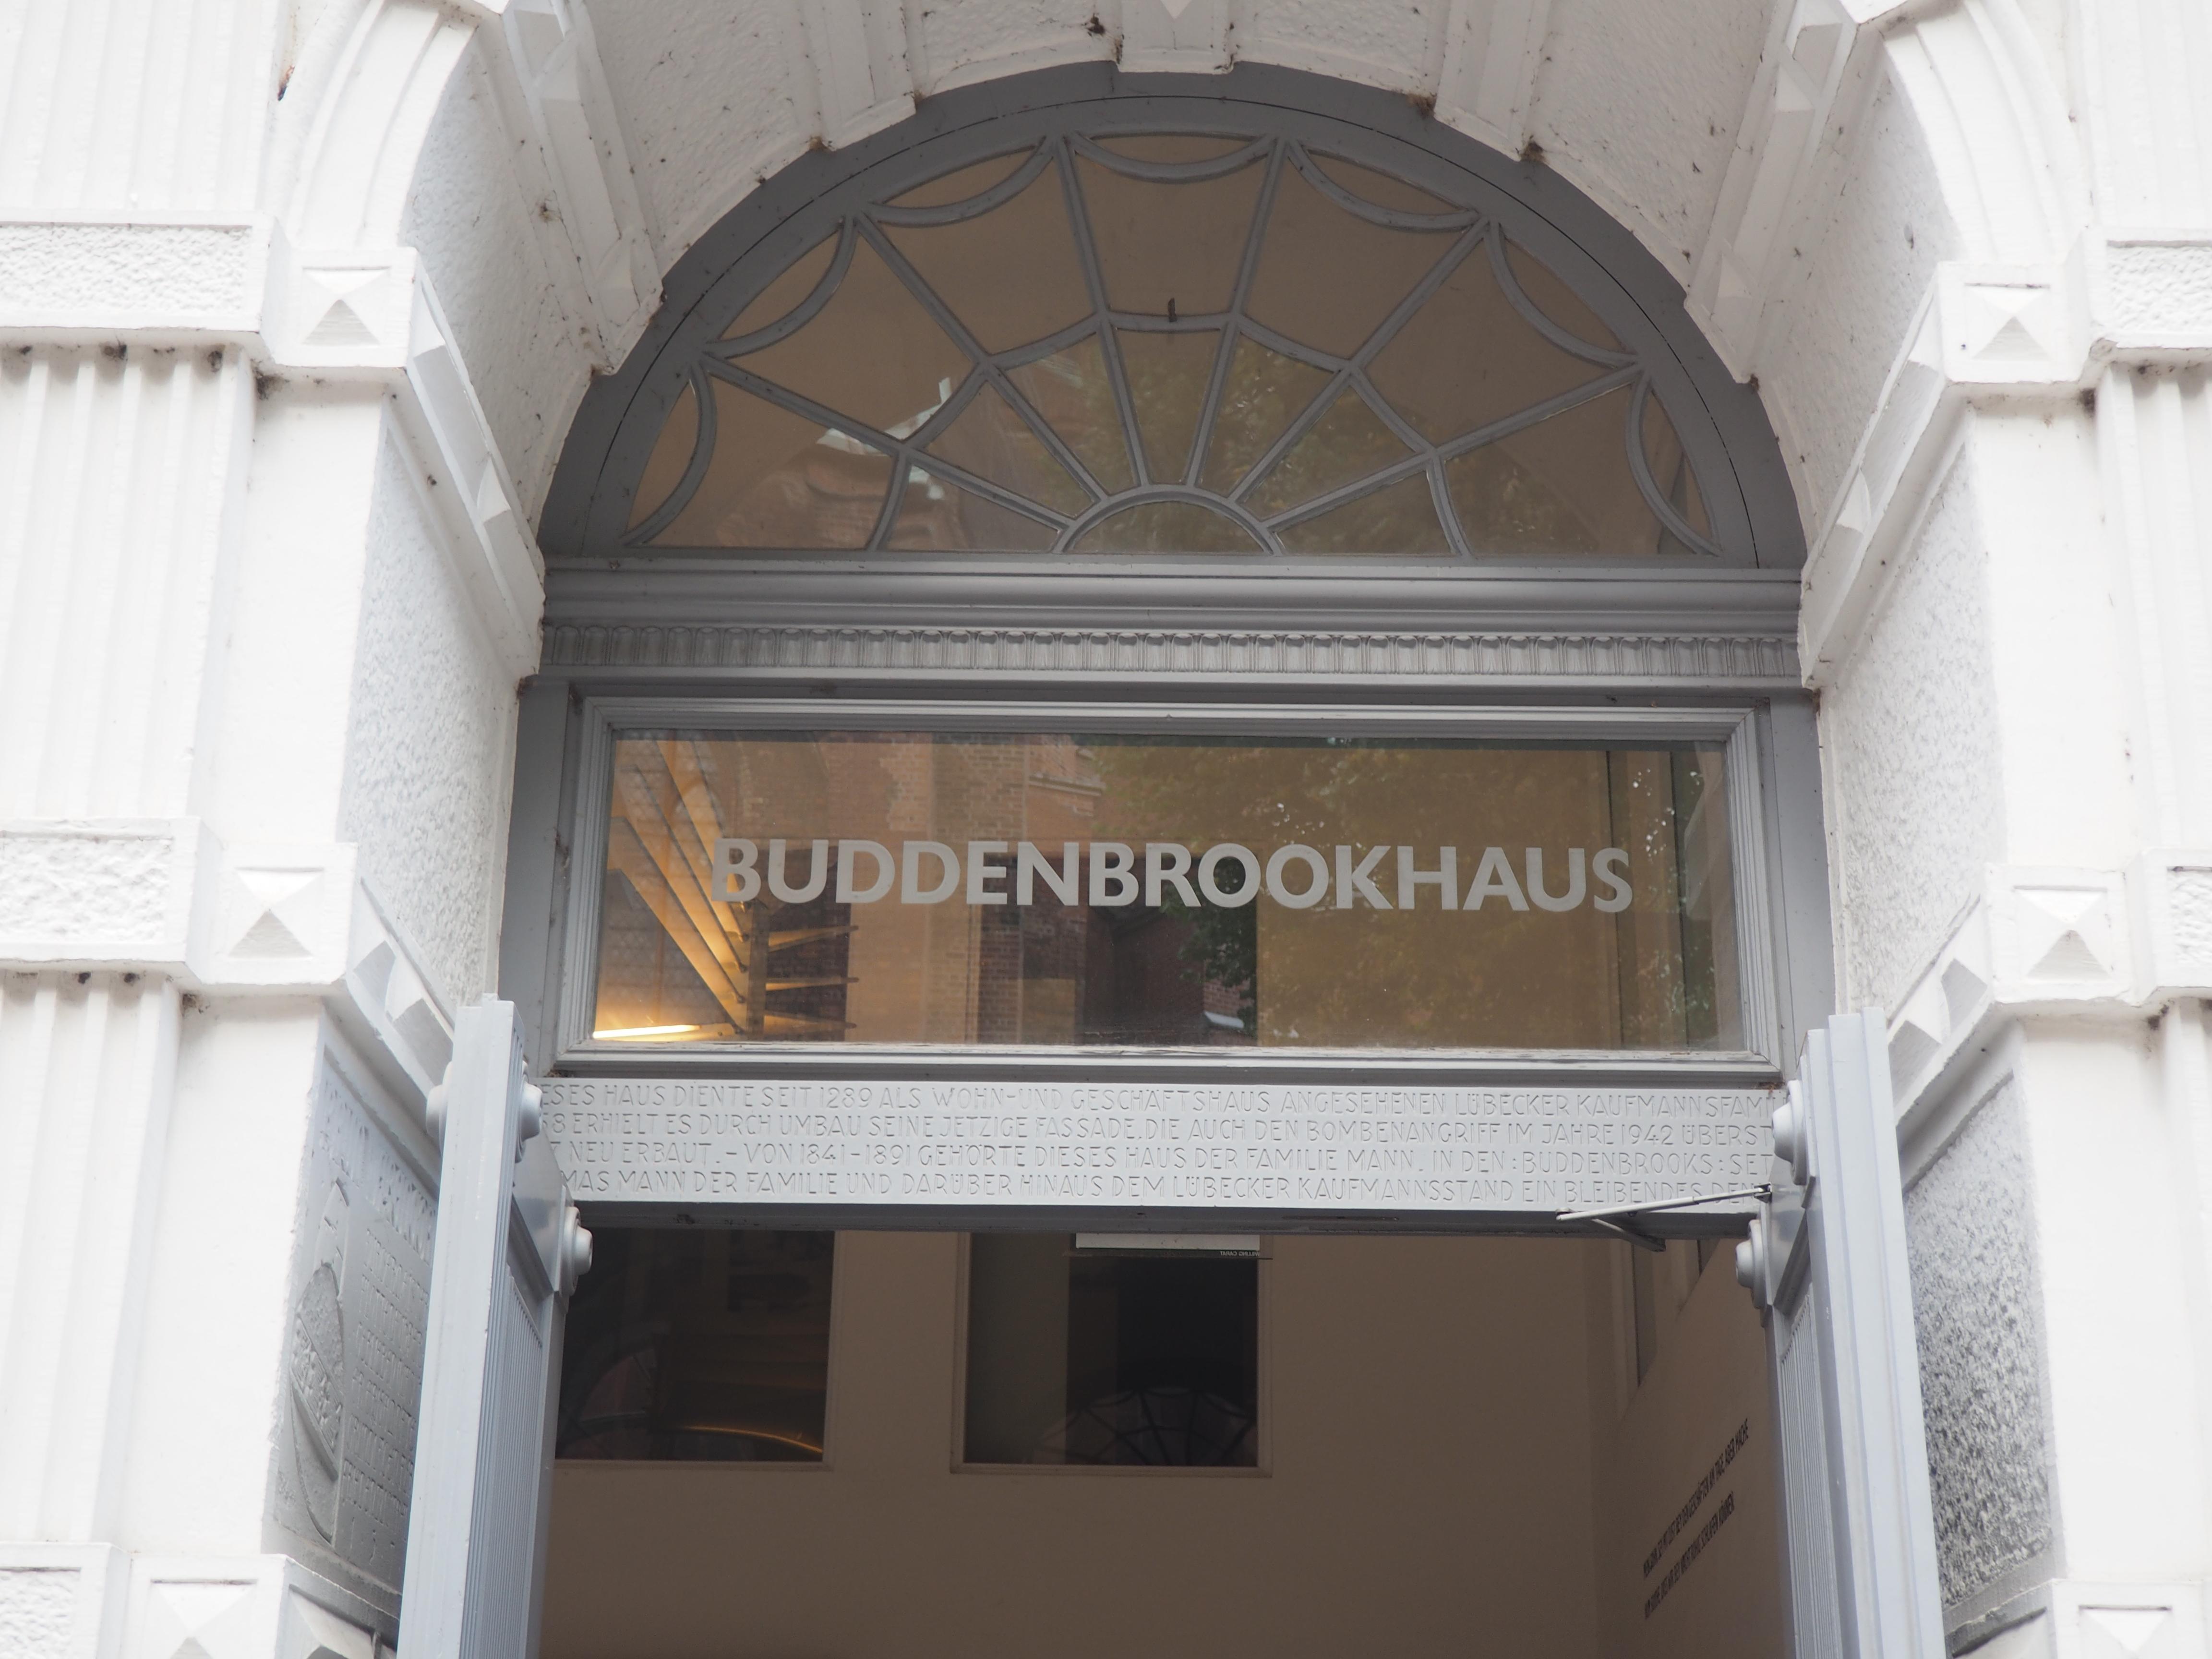 Wenn man schonmal in Lübeck ist, kann man da auch mal dran vorbei gehen ;)